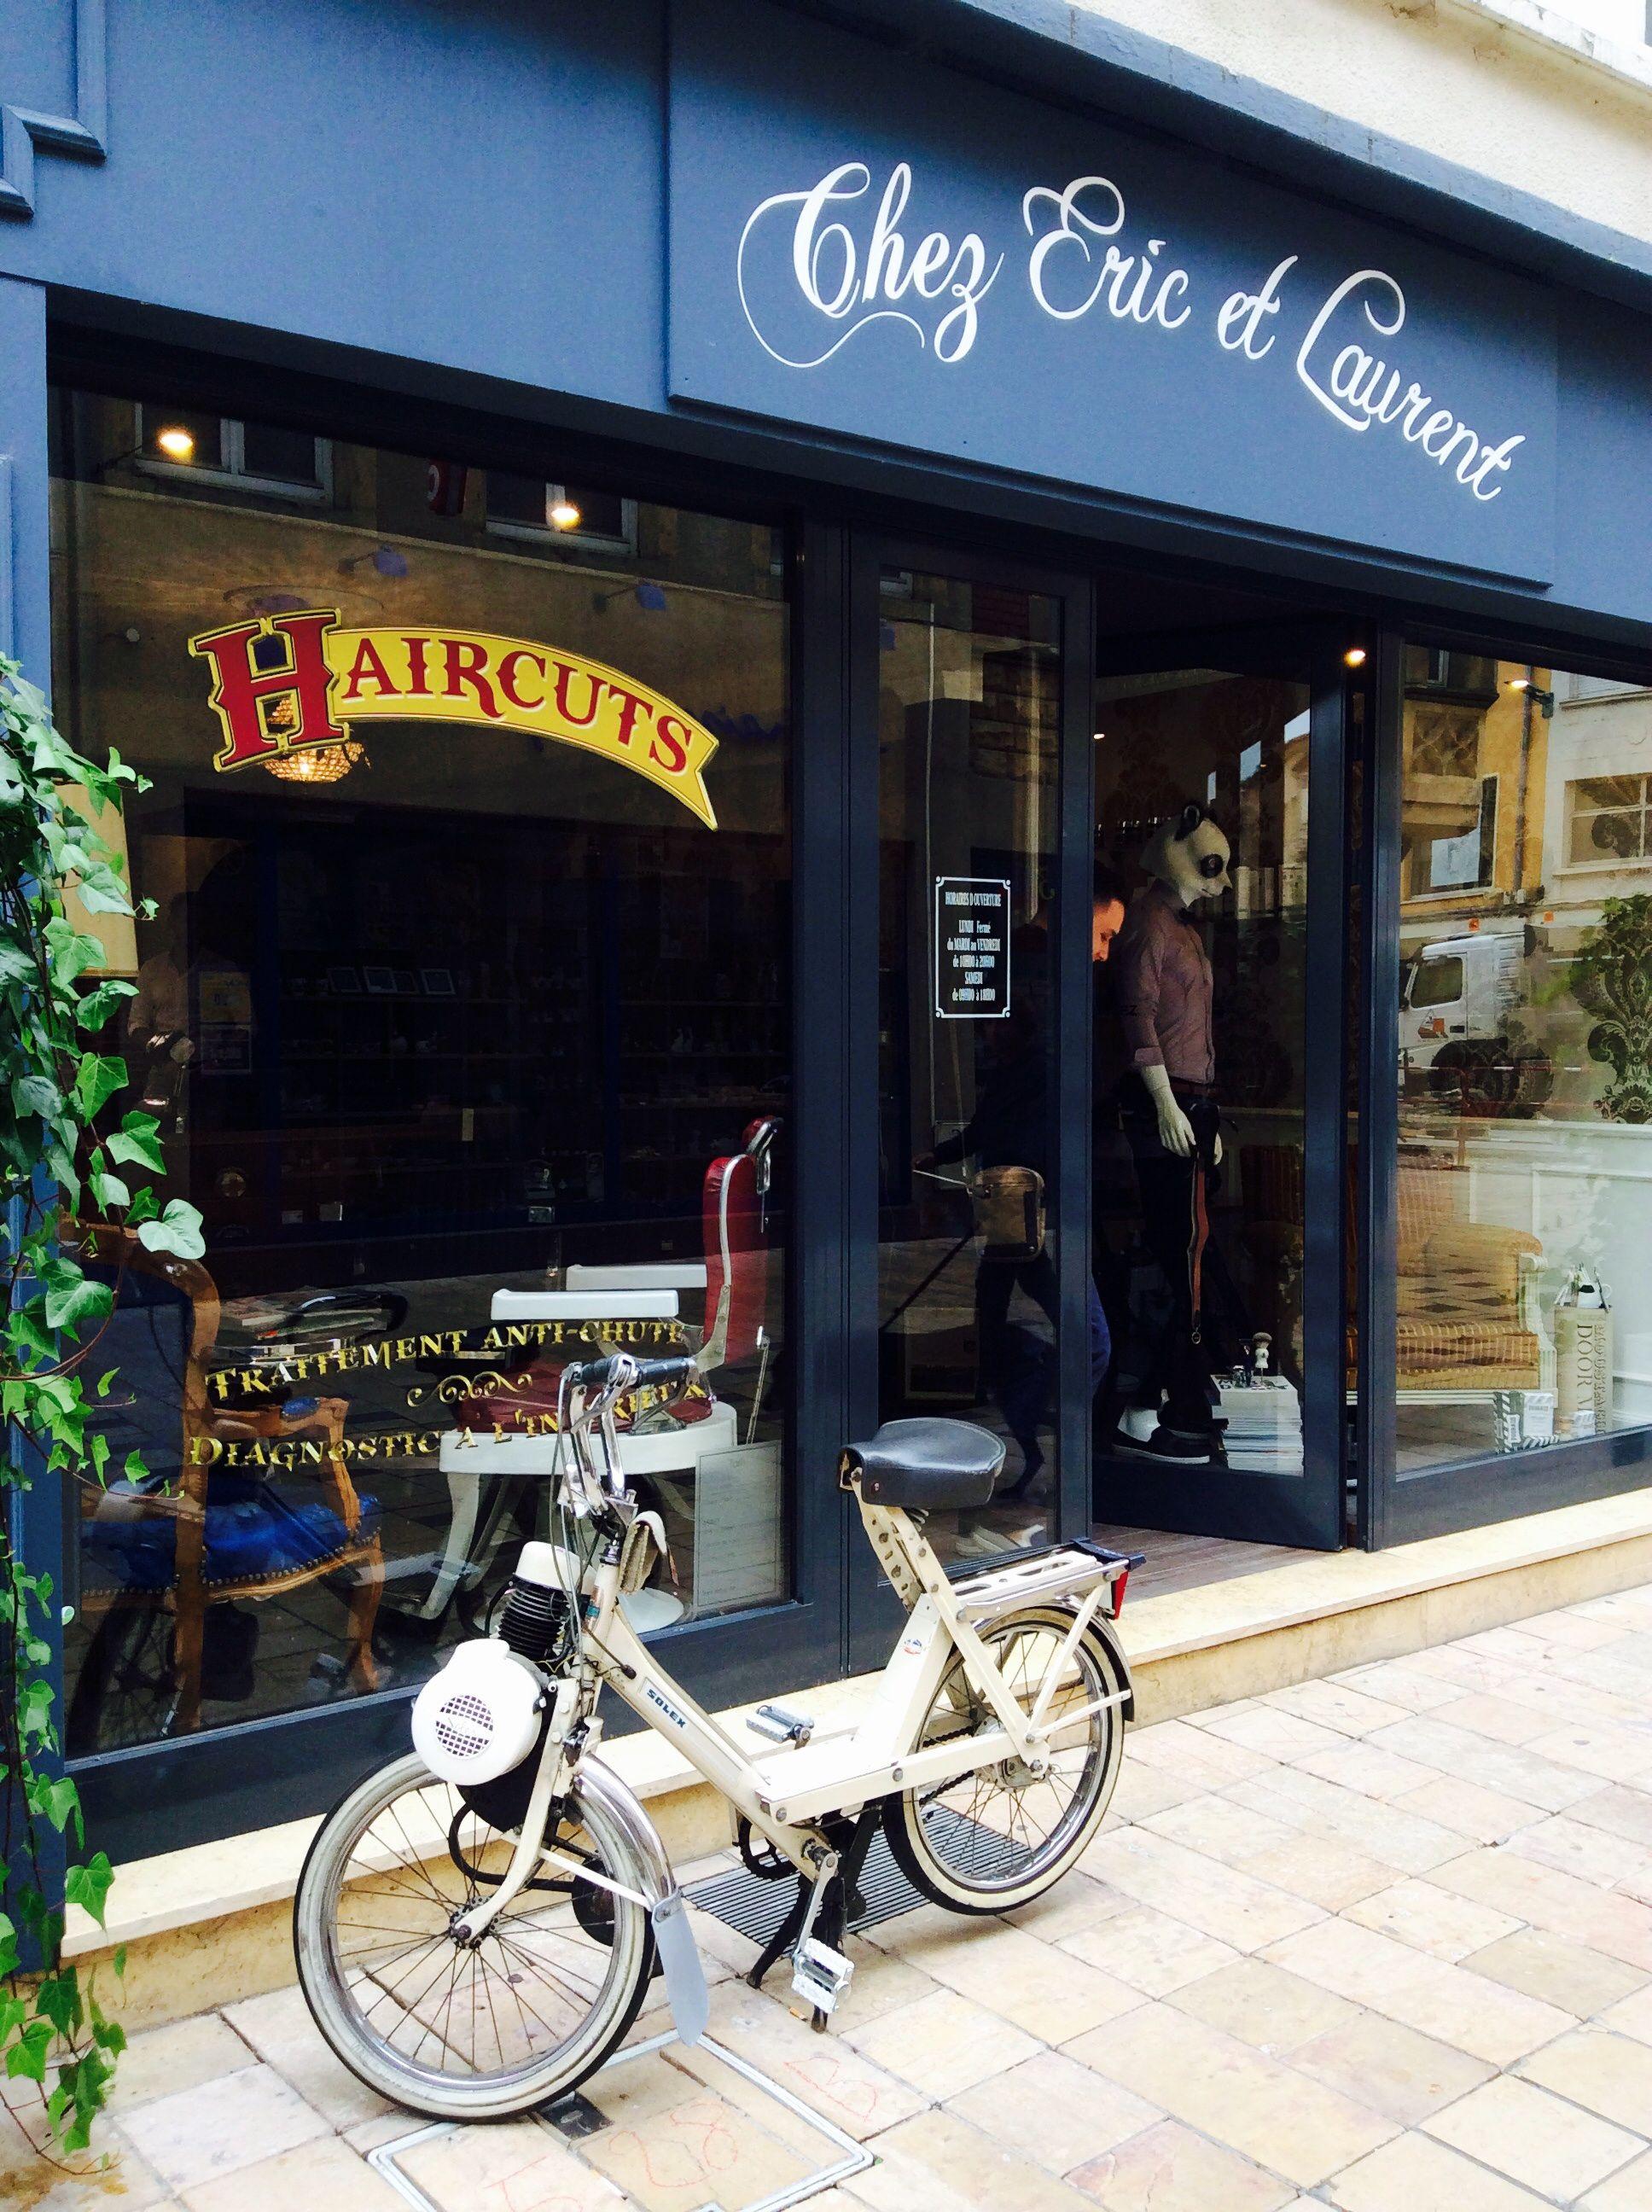 Chez Eric Et Laurent Salon De Coiffure Homme A Thionville France Salon De Coiffure Thionville France Coiffure Homme